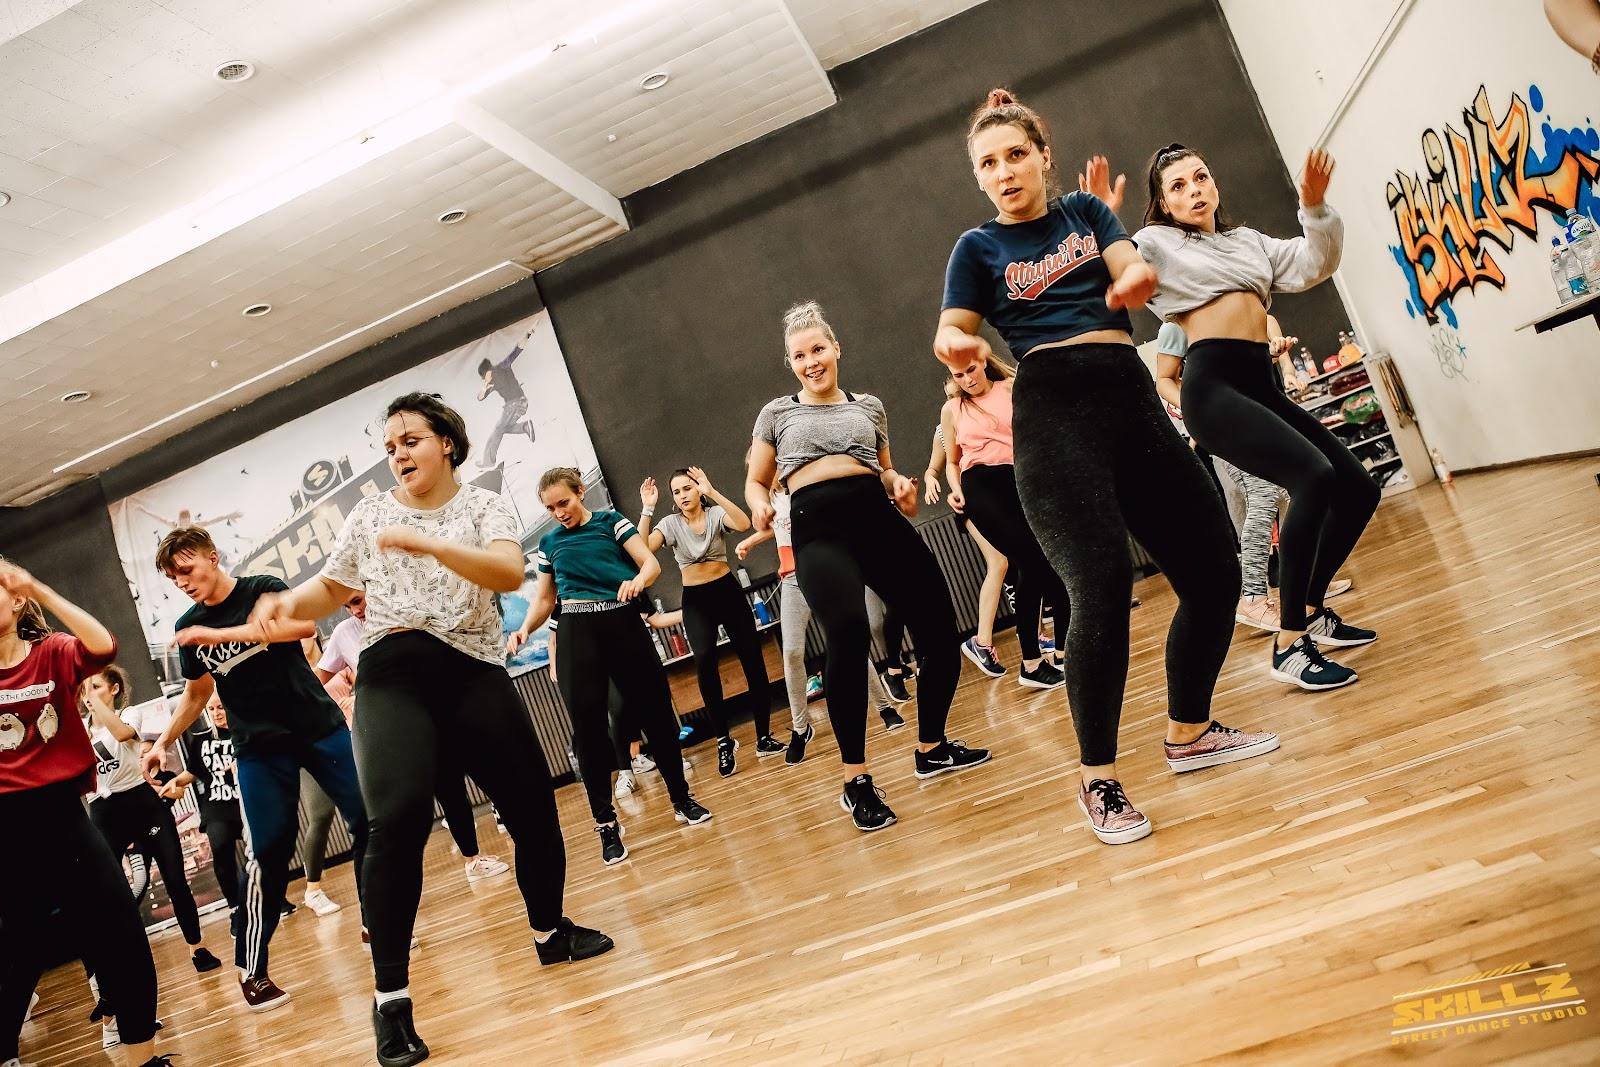 Dancehall Takeover seminarai (Jamaika, Belgija, Prancuzija) - xIMG_0227.jpg